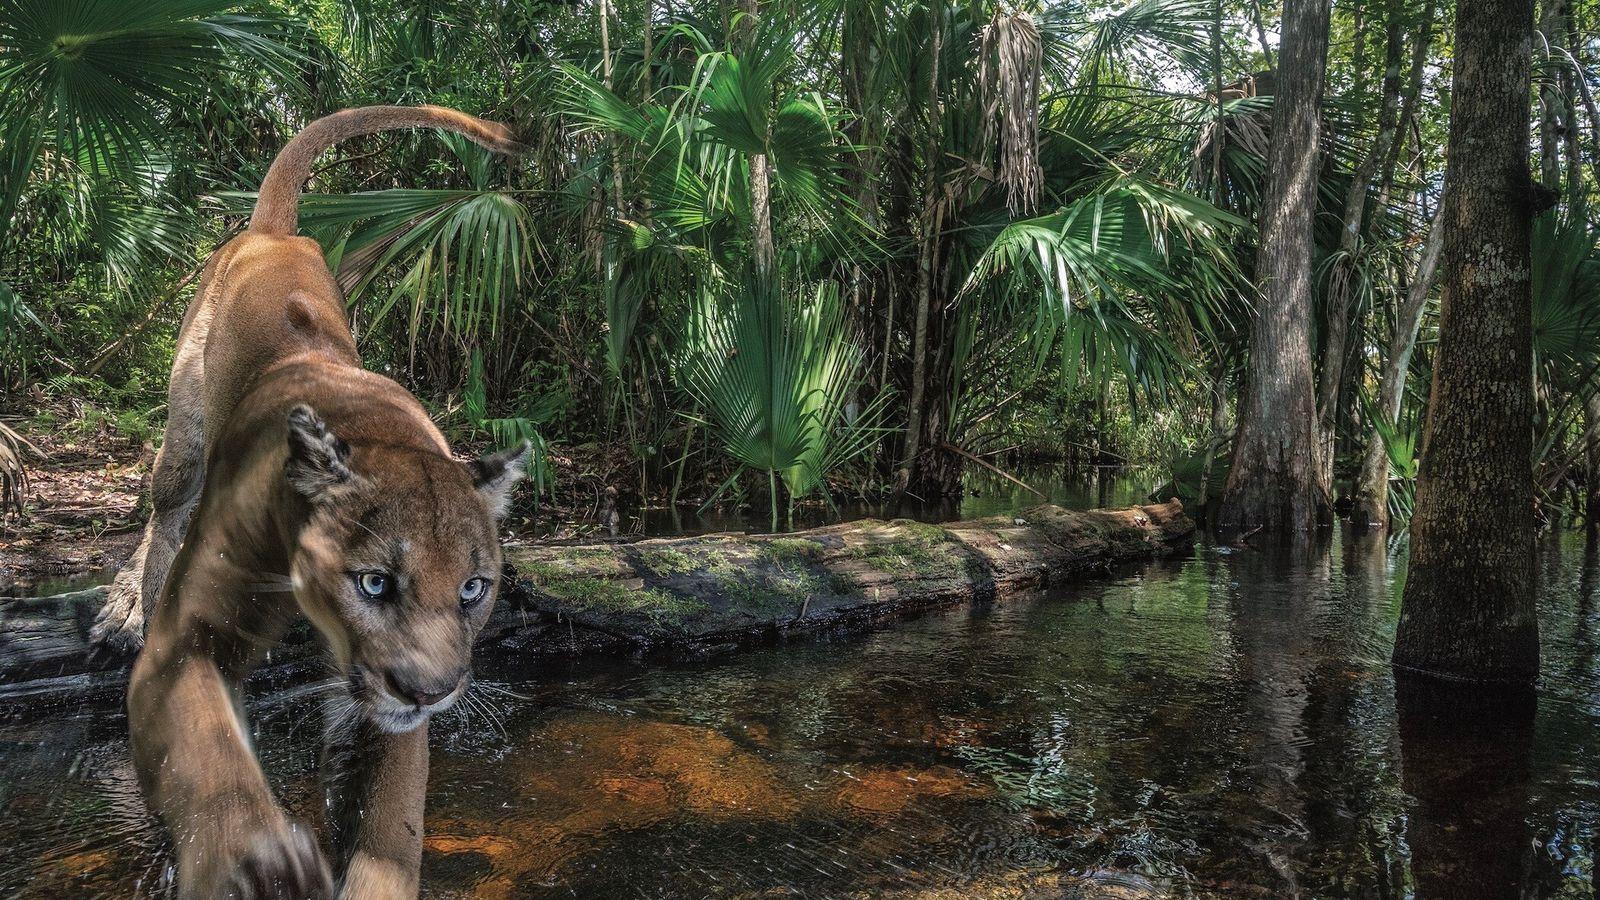 Une panthère mâle franchit un ruisseau, dans le Florida Panther National Wildlife Refuge, dans le sud-ouest ...